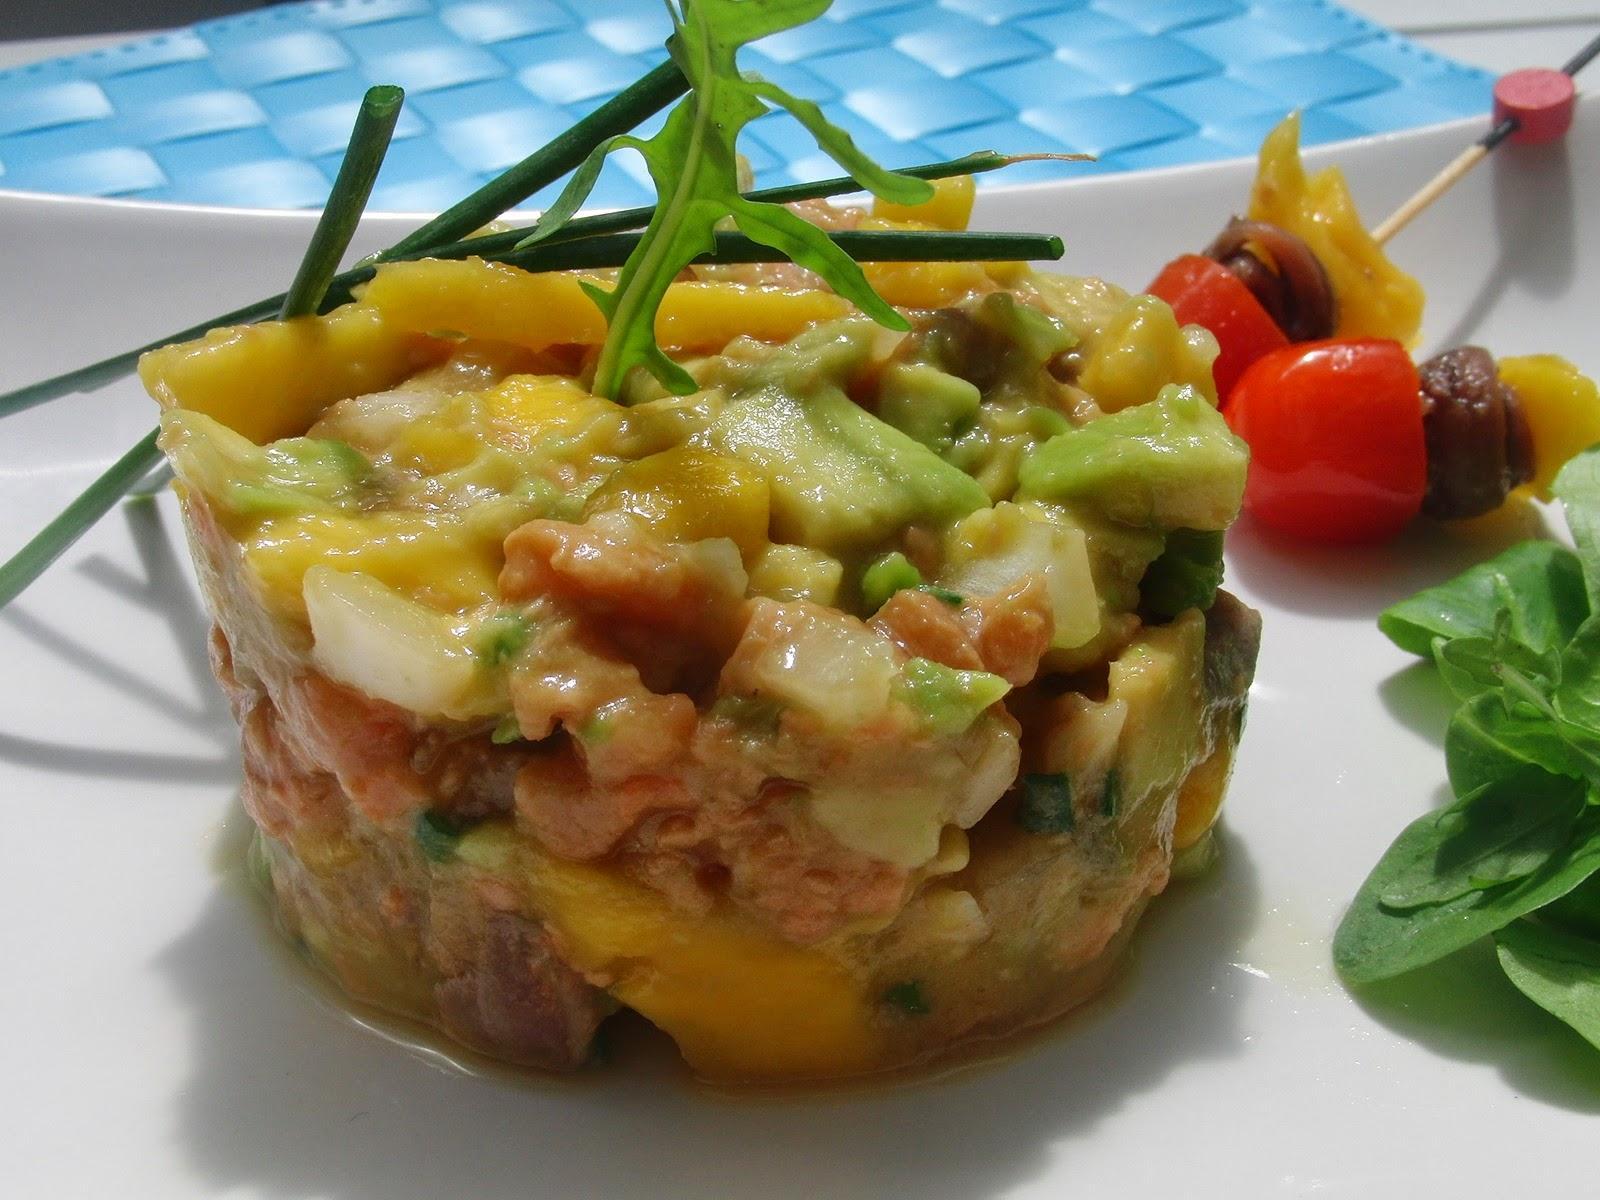 Resultado de imagen para ensalada de papaya y palta